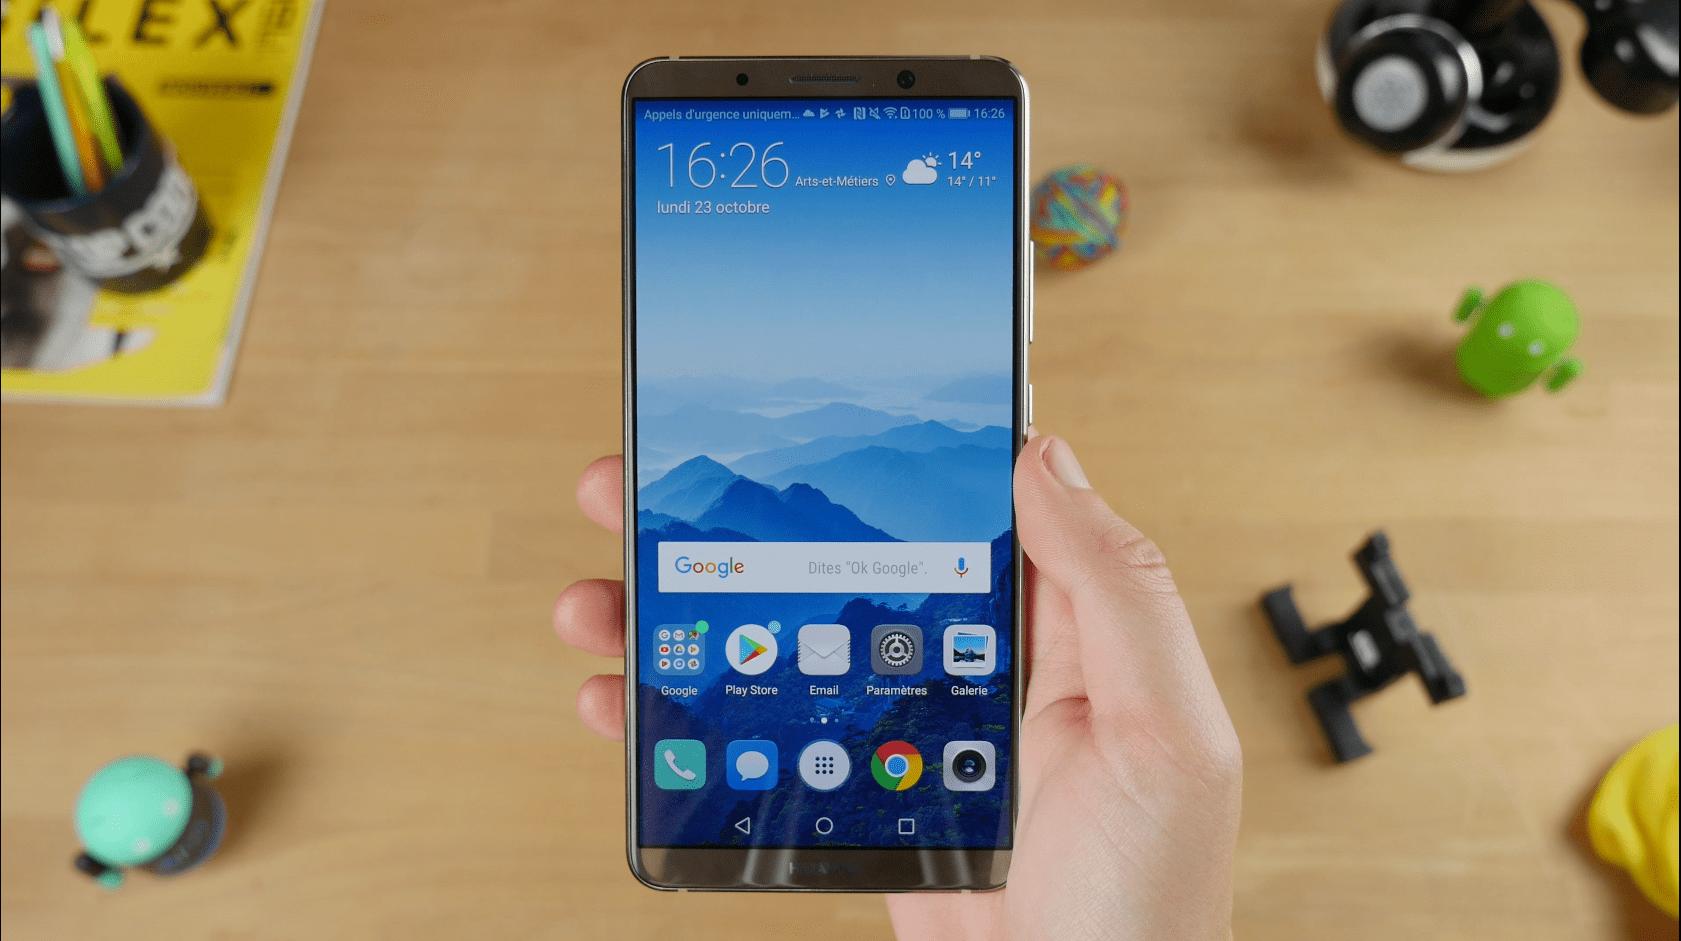 Vidéo: notre avis sur le Huawei Mate 10 Pro, la bonne surprise de cette fin d'année